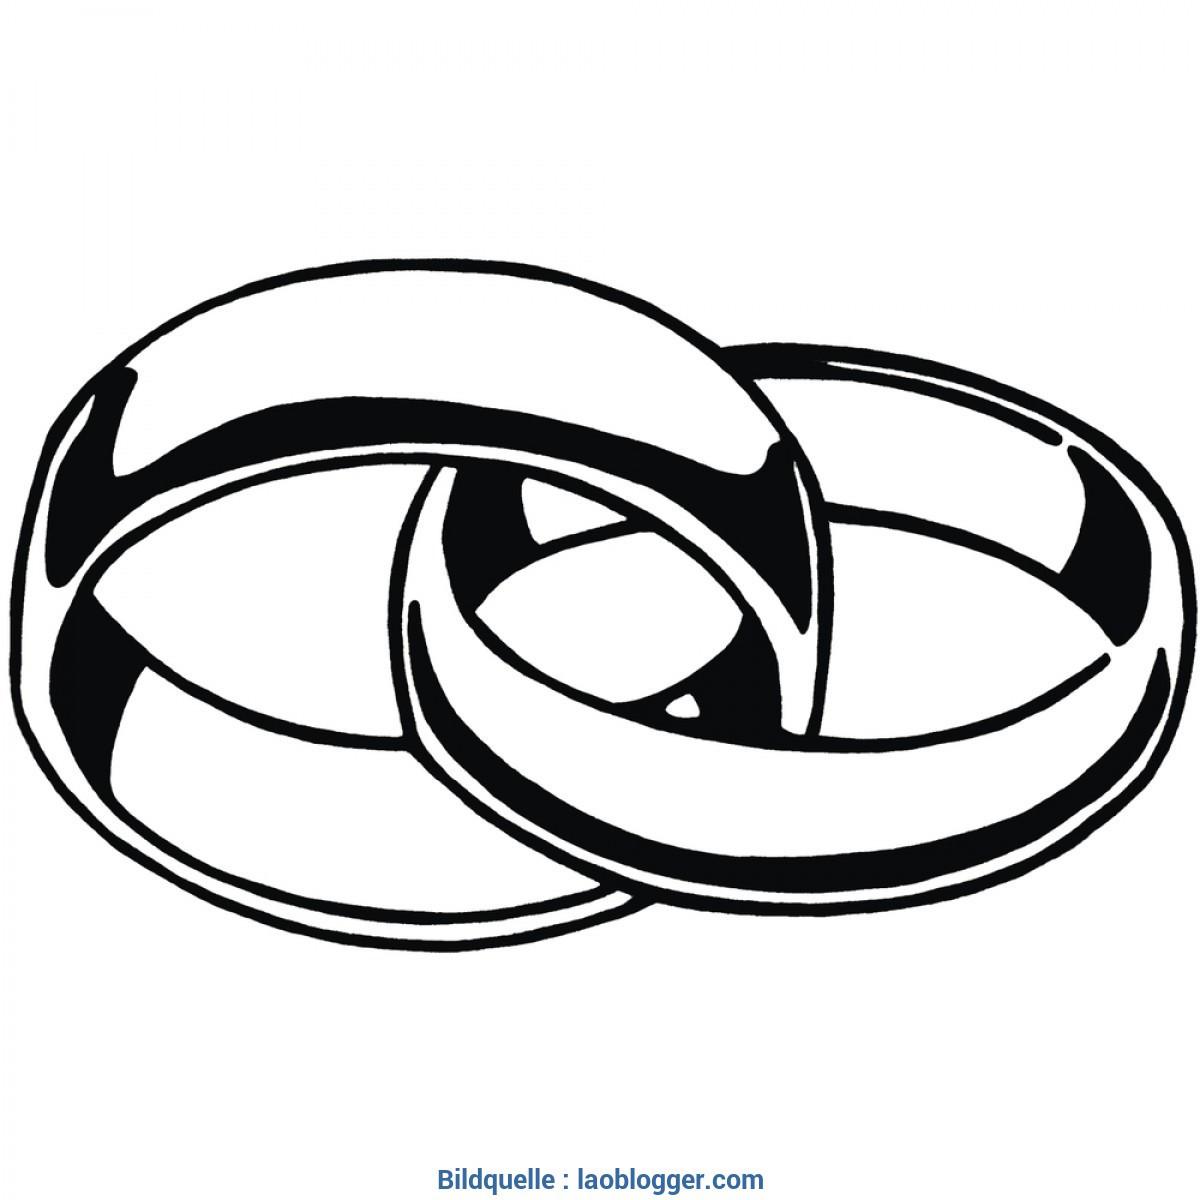 Hochzeit Ringe Symbol Schwarz Weiß  Am Beliebtesten Hochzeit Ringe Schwarz Weiß Eheringe